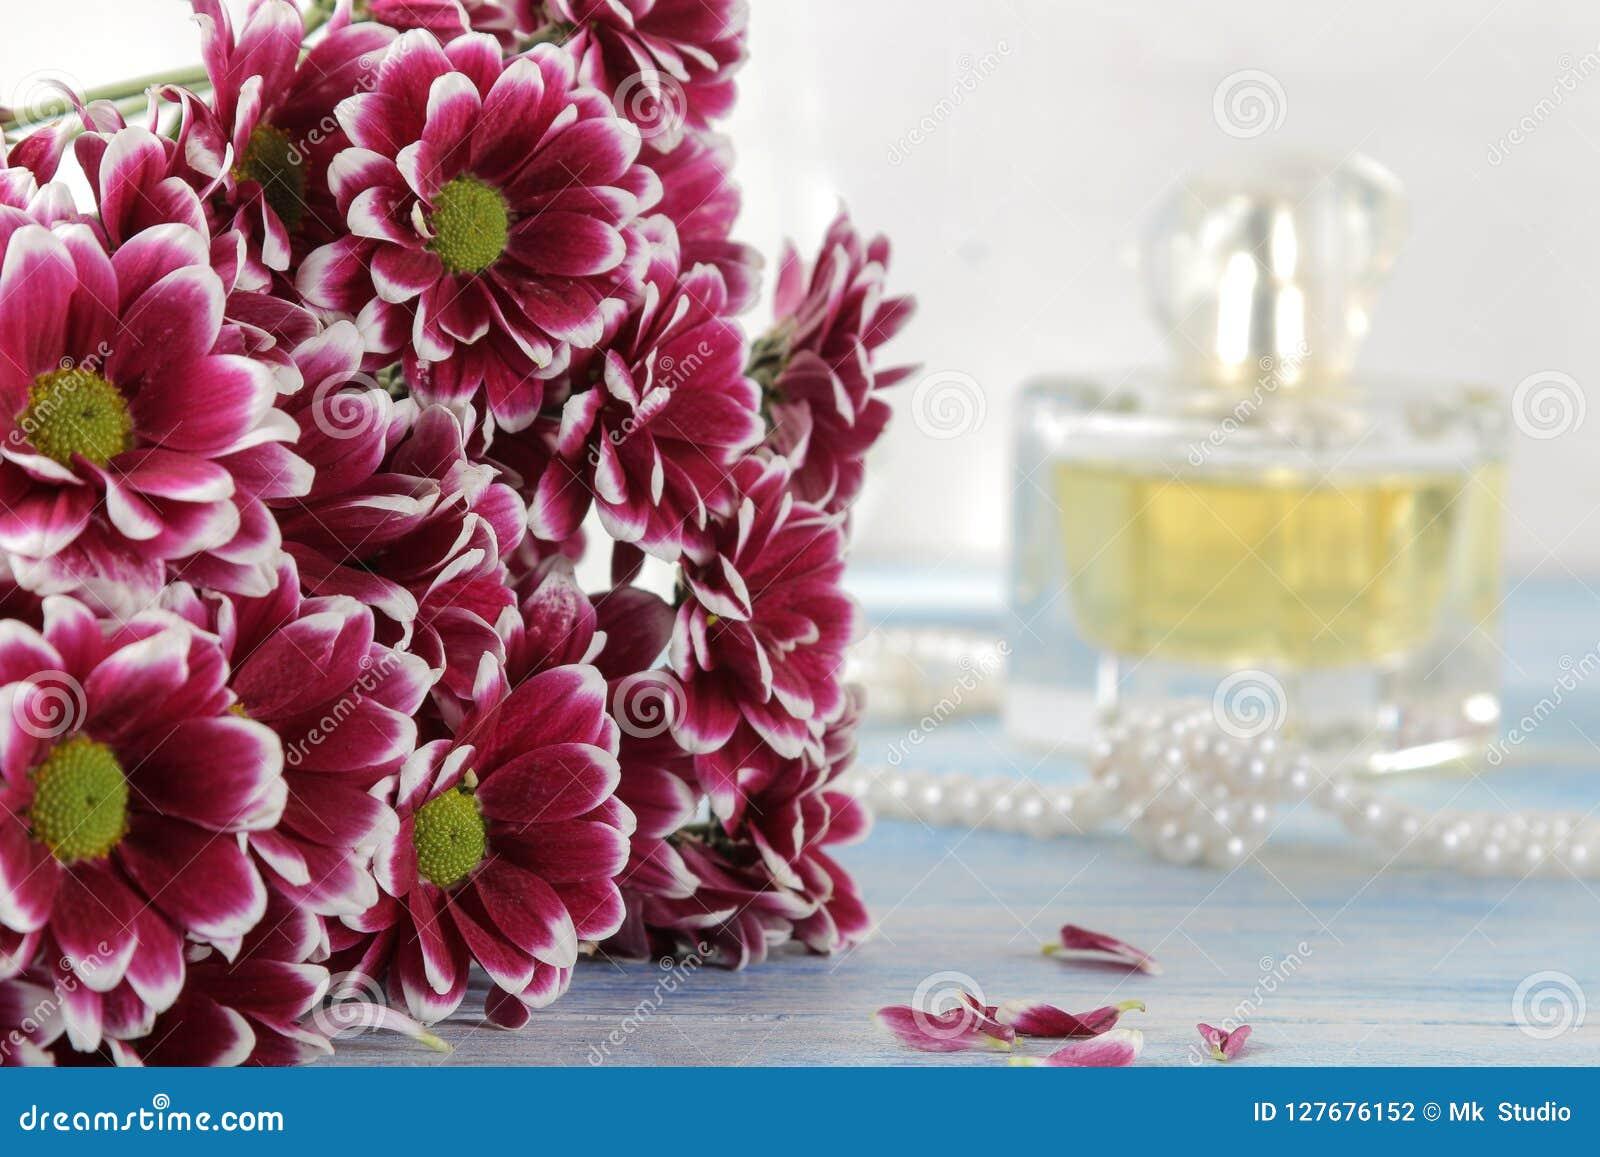 菊花和香水在背景中在一张蓝色木桌上